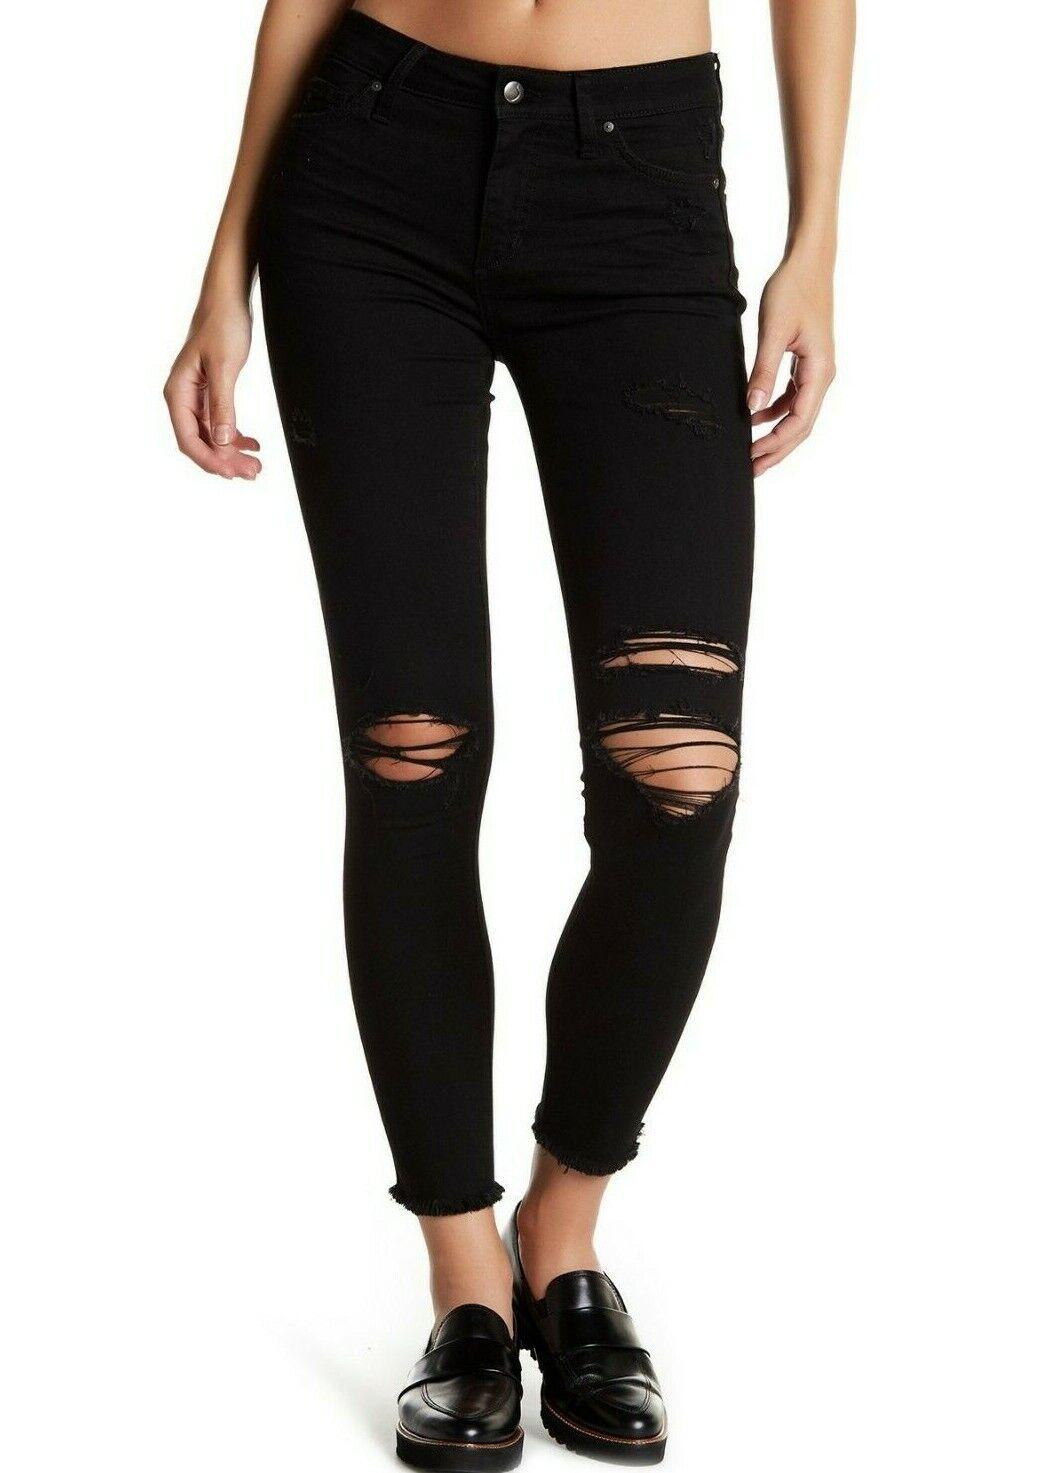 Nwt JOE´S Sz26 Skinny Knöchel Midrise Roh Saum Distressed Jeans Stretch   Exquisite (mittlere) Verarbeitung    Zürich    Langfristiger Ruf    Modern Und Elegant In Der Mode    Ausreichende Versorgung